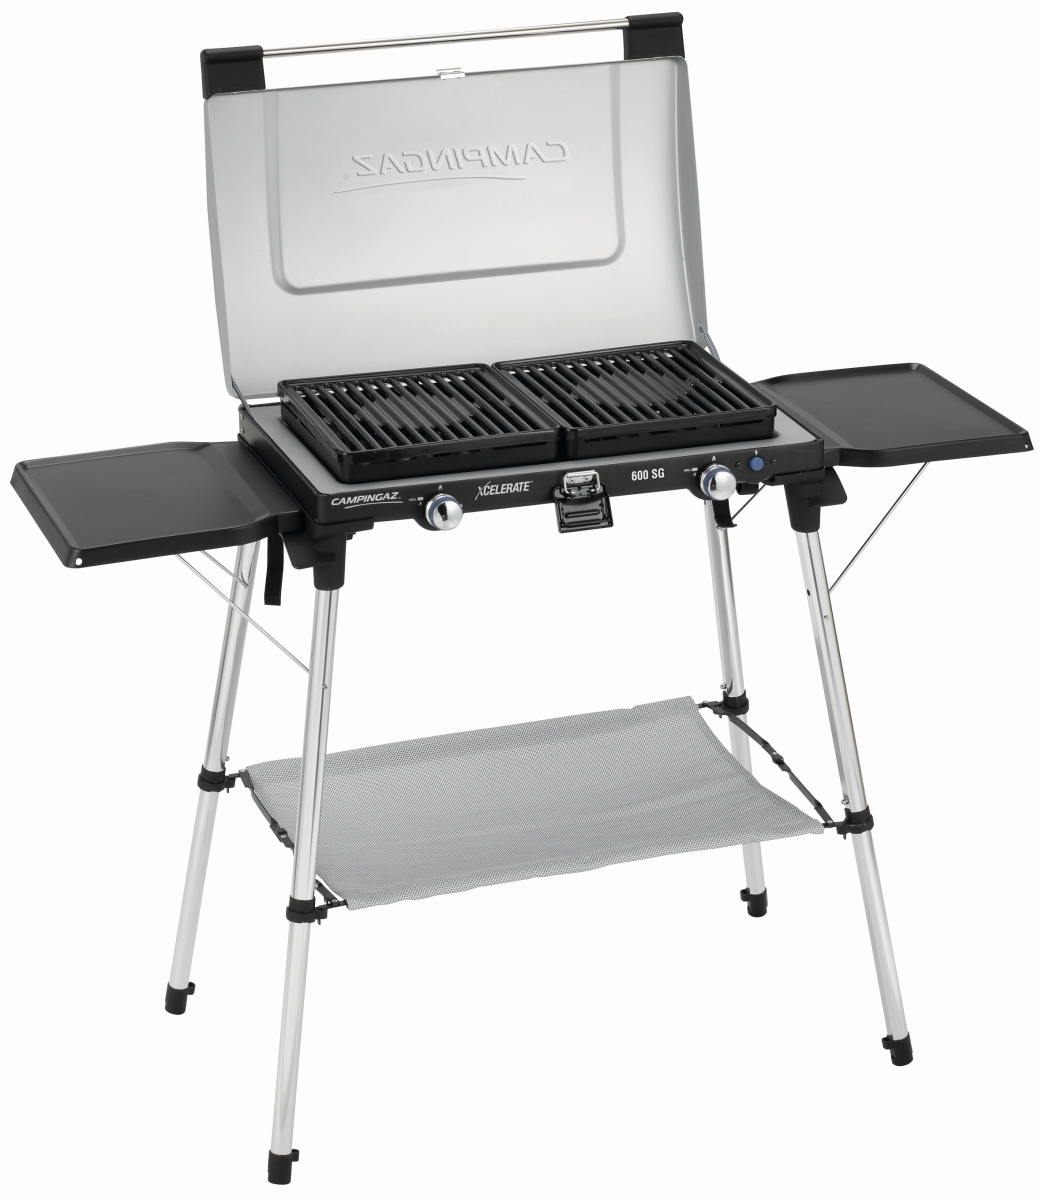 Campingaz Xcelerate Gaskocher 600 SG